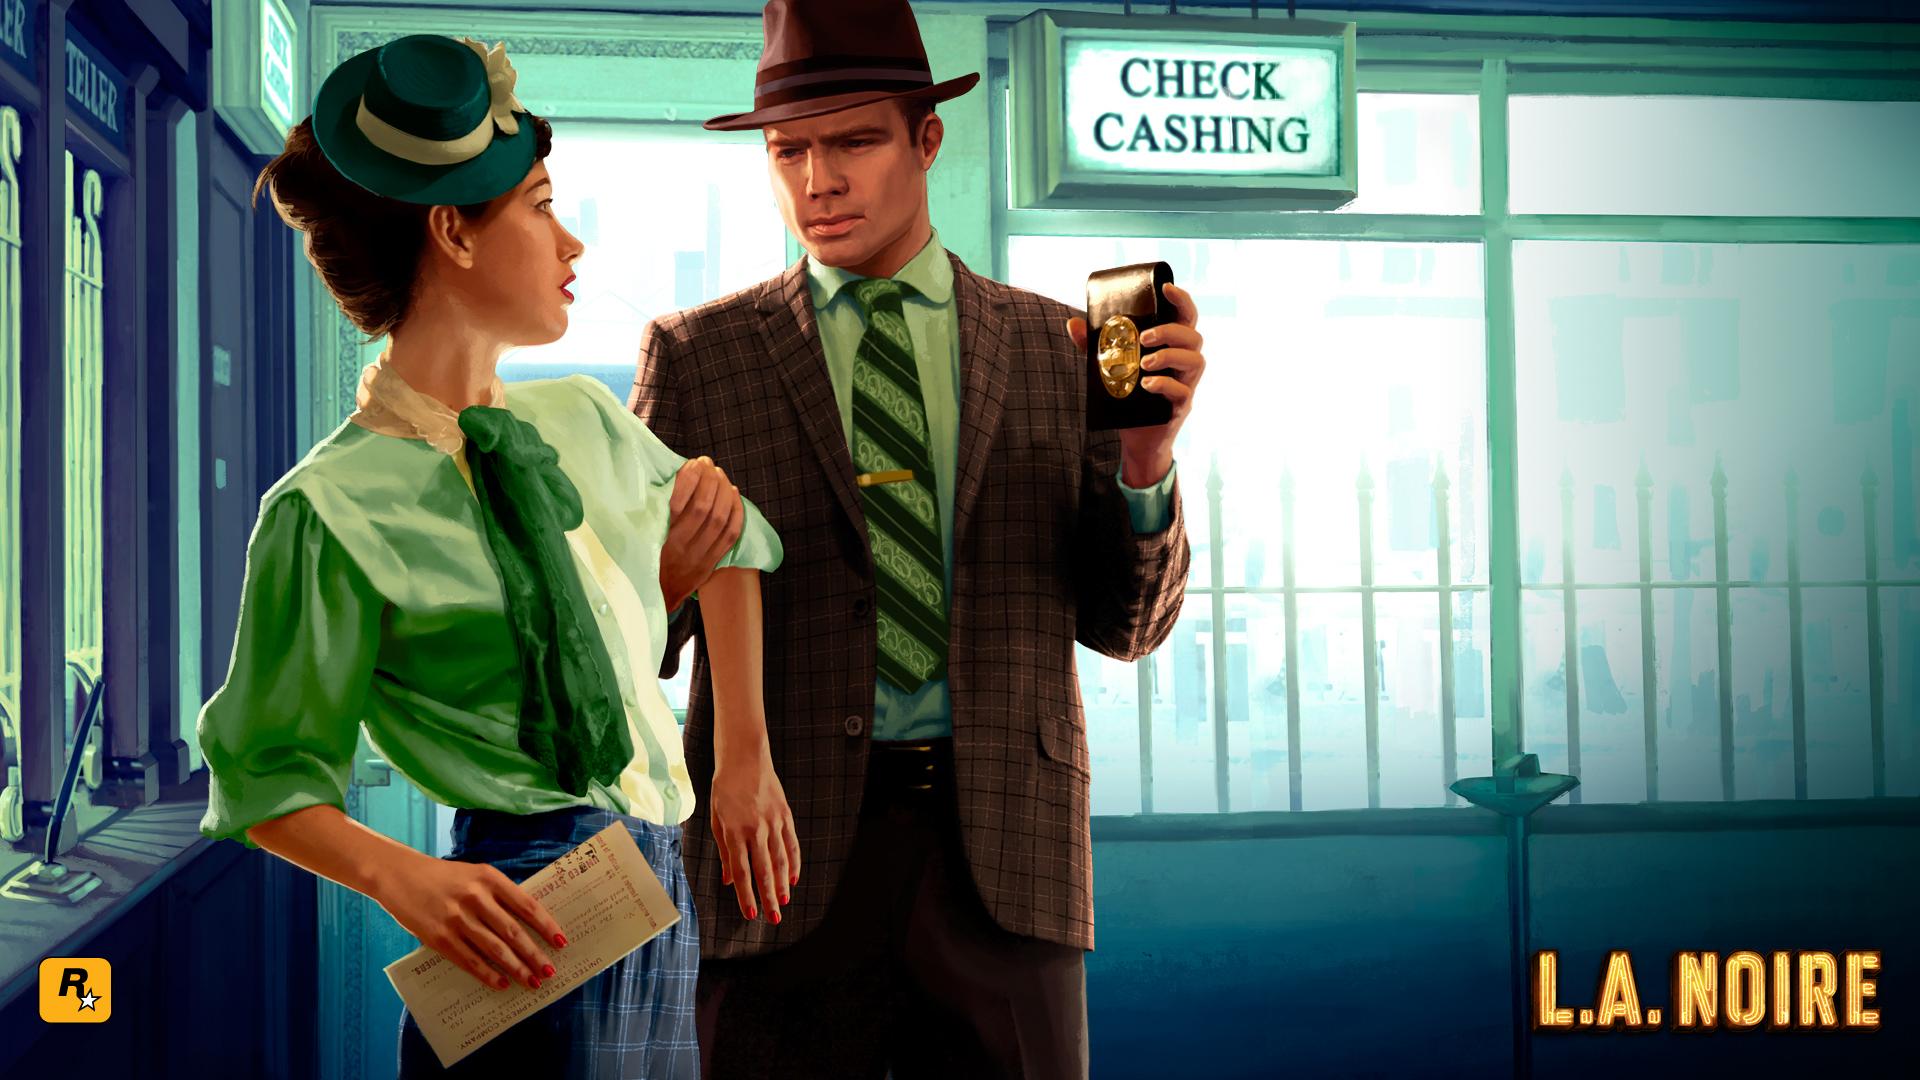 L.A. Noire: The VR Case Files перенесена на декабрь